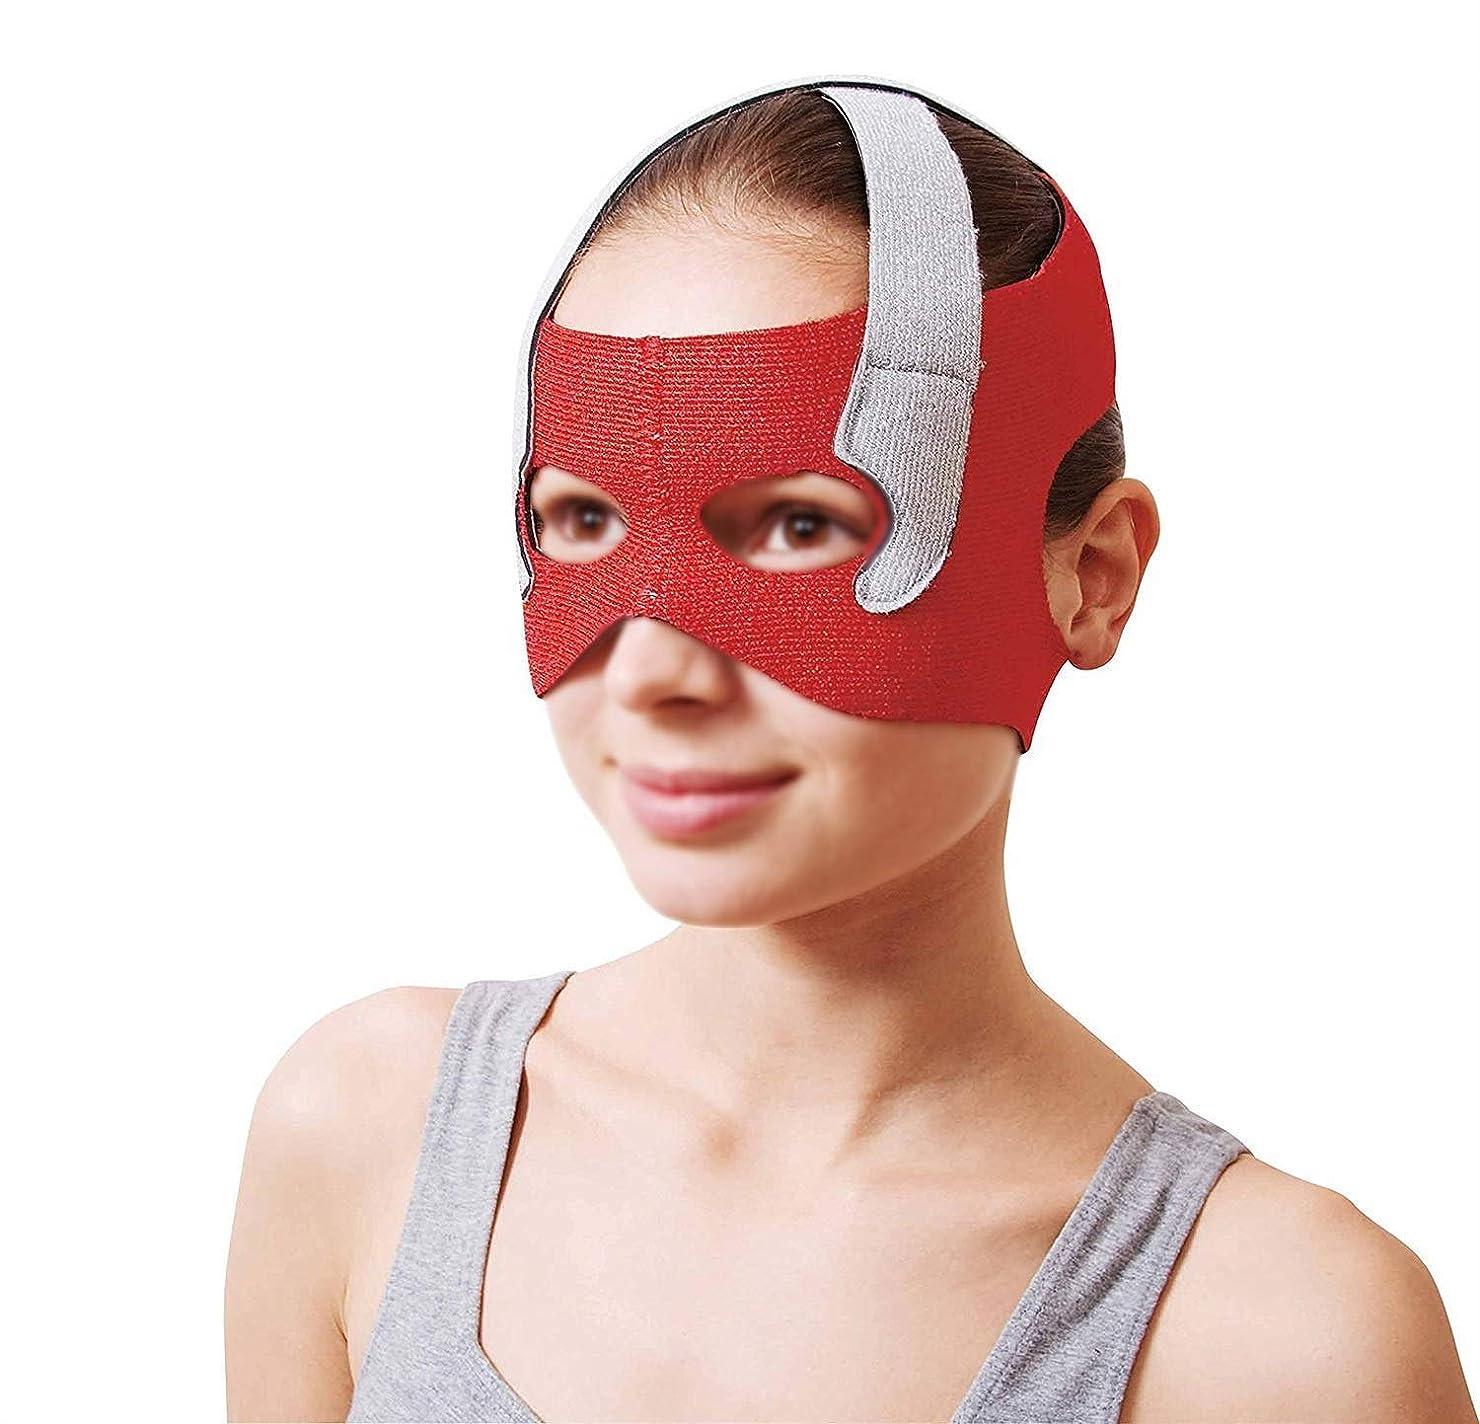 感謝マネージャーインストールフェイスリフトマスク、回復ポスト包帯ヘッドギアフェイスマスク顔薄いフェイスマスクアーティファクト美容ベルト顔と首リフト顔周囲57-68 cm